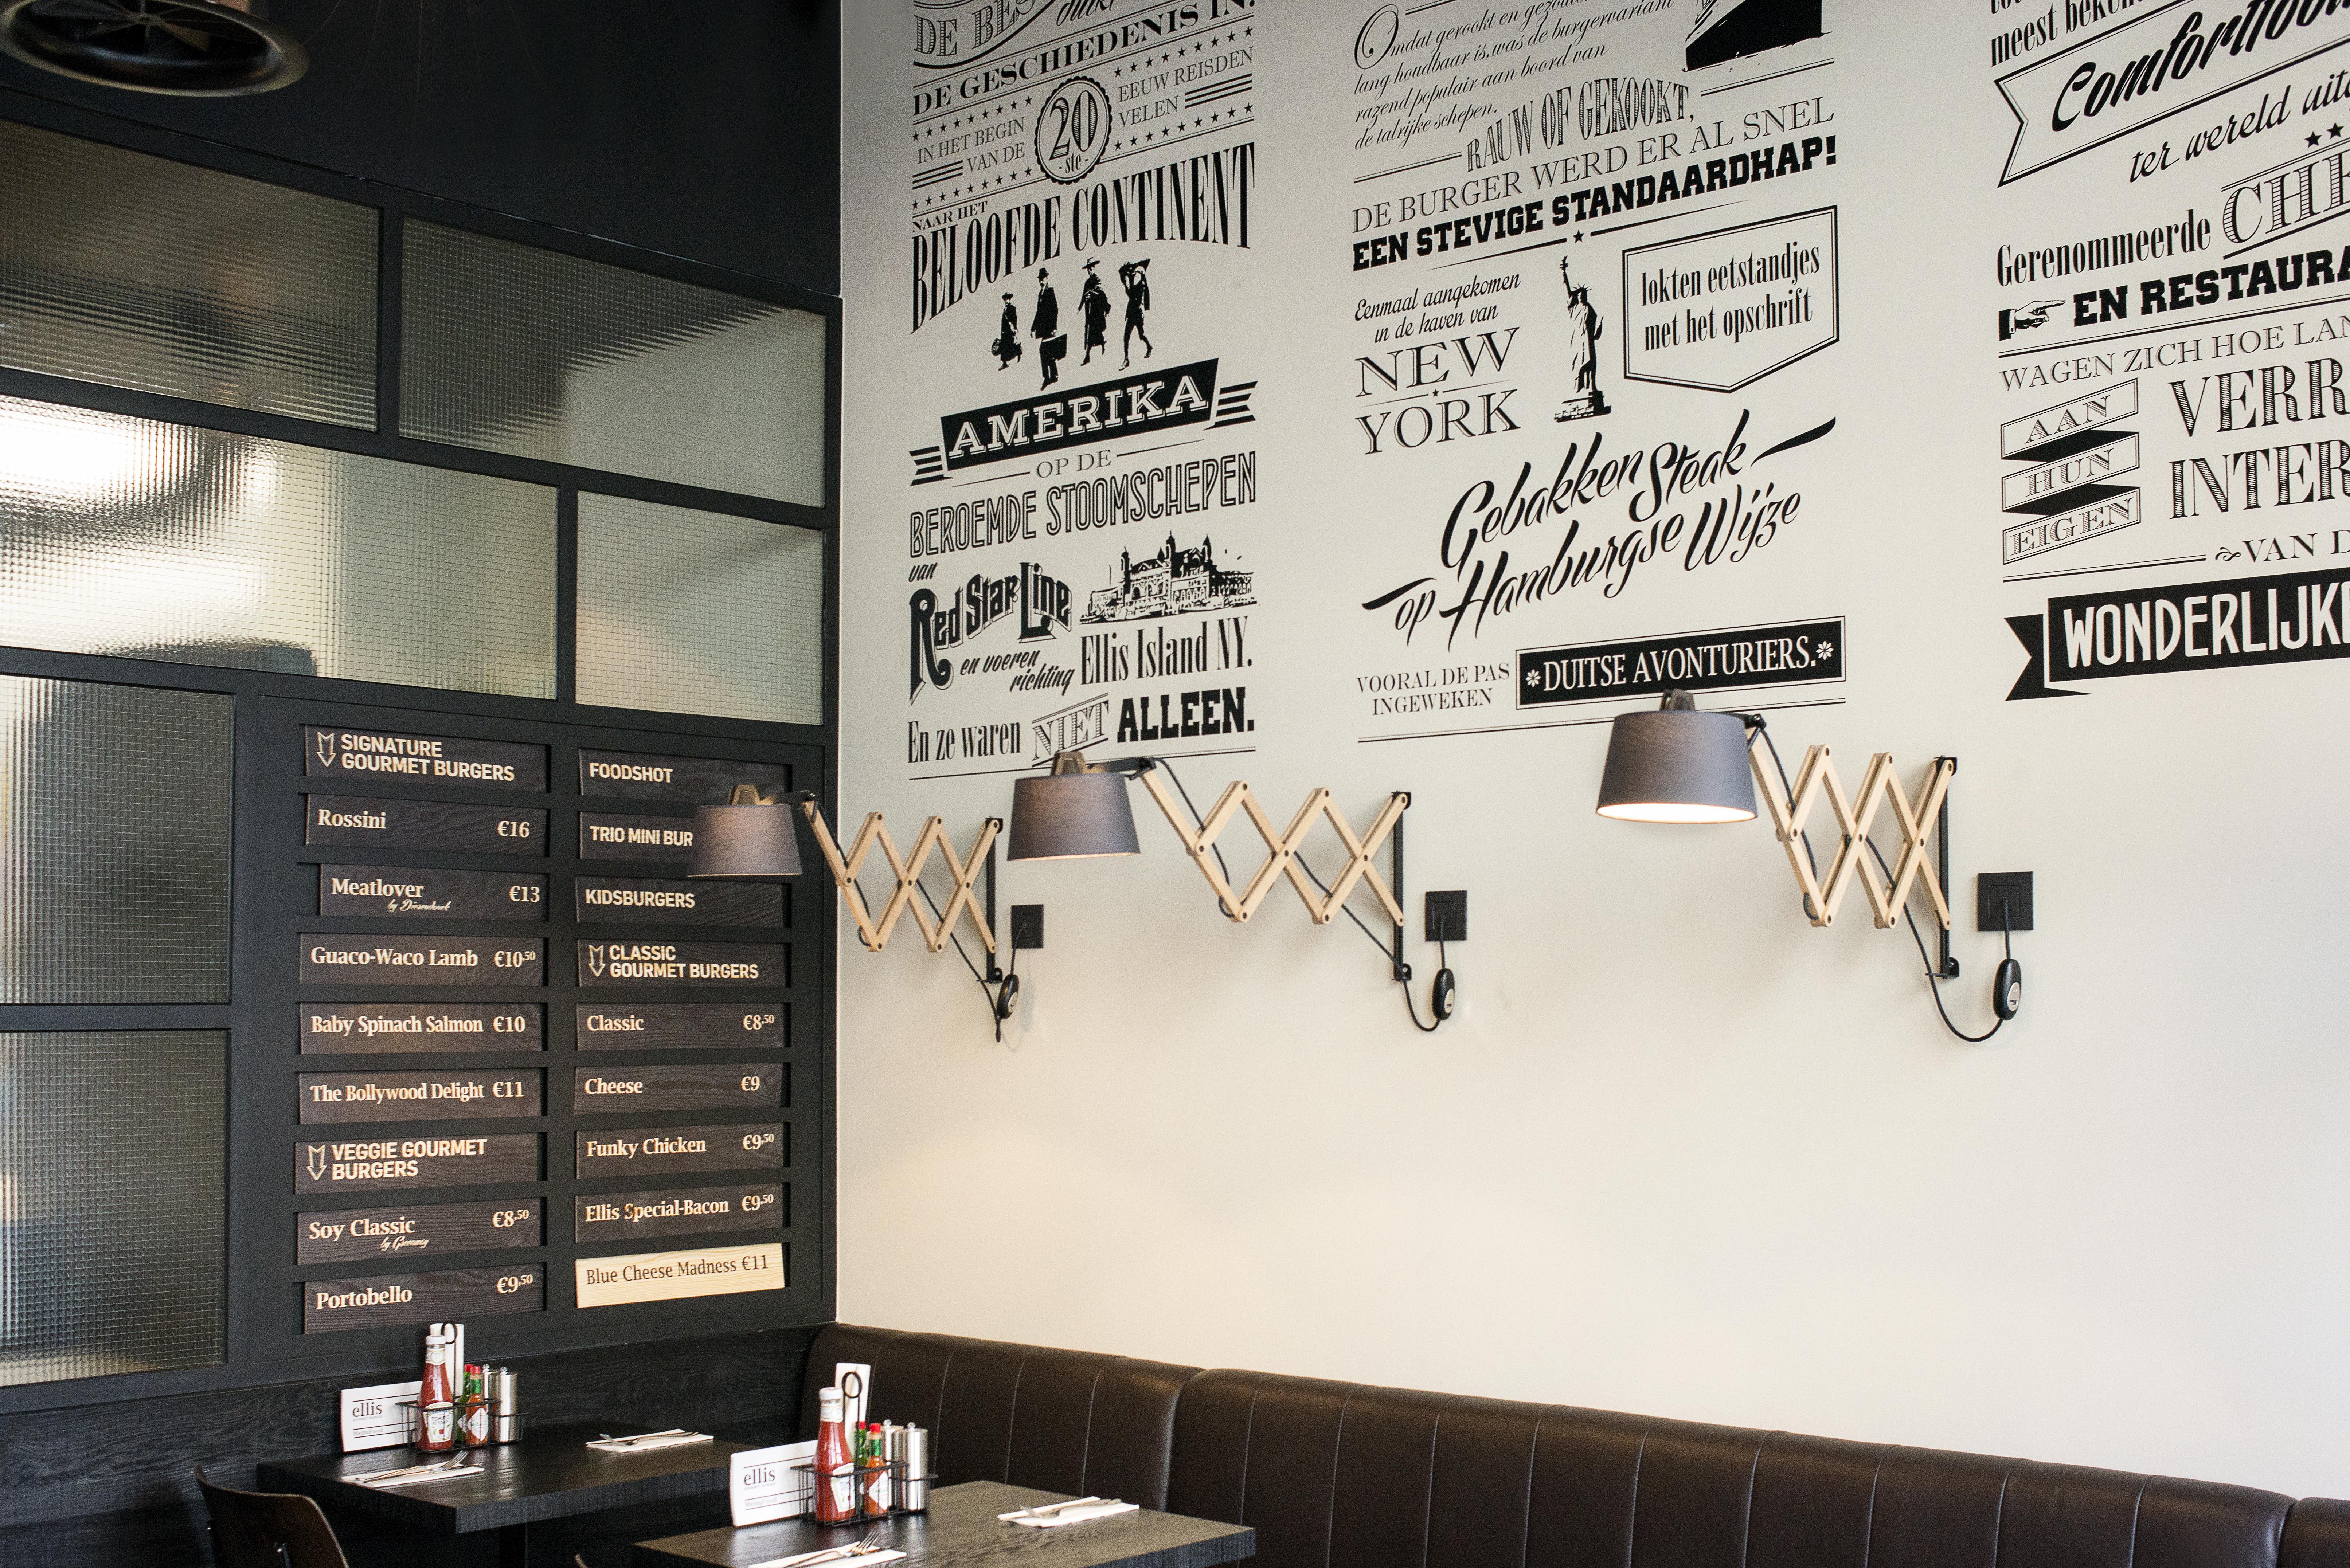 Ellis Gourmet Burger Leuven